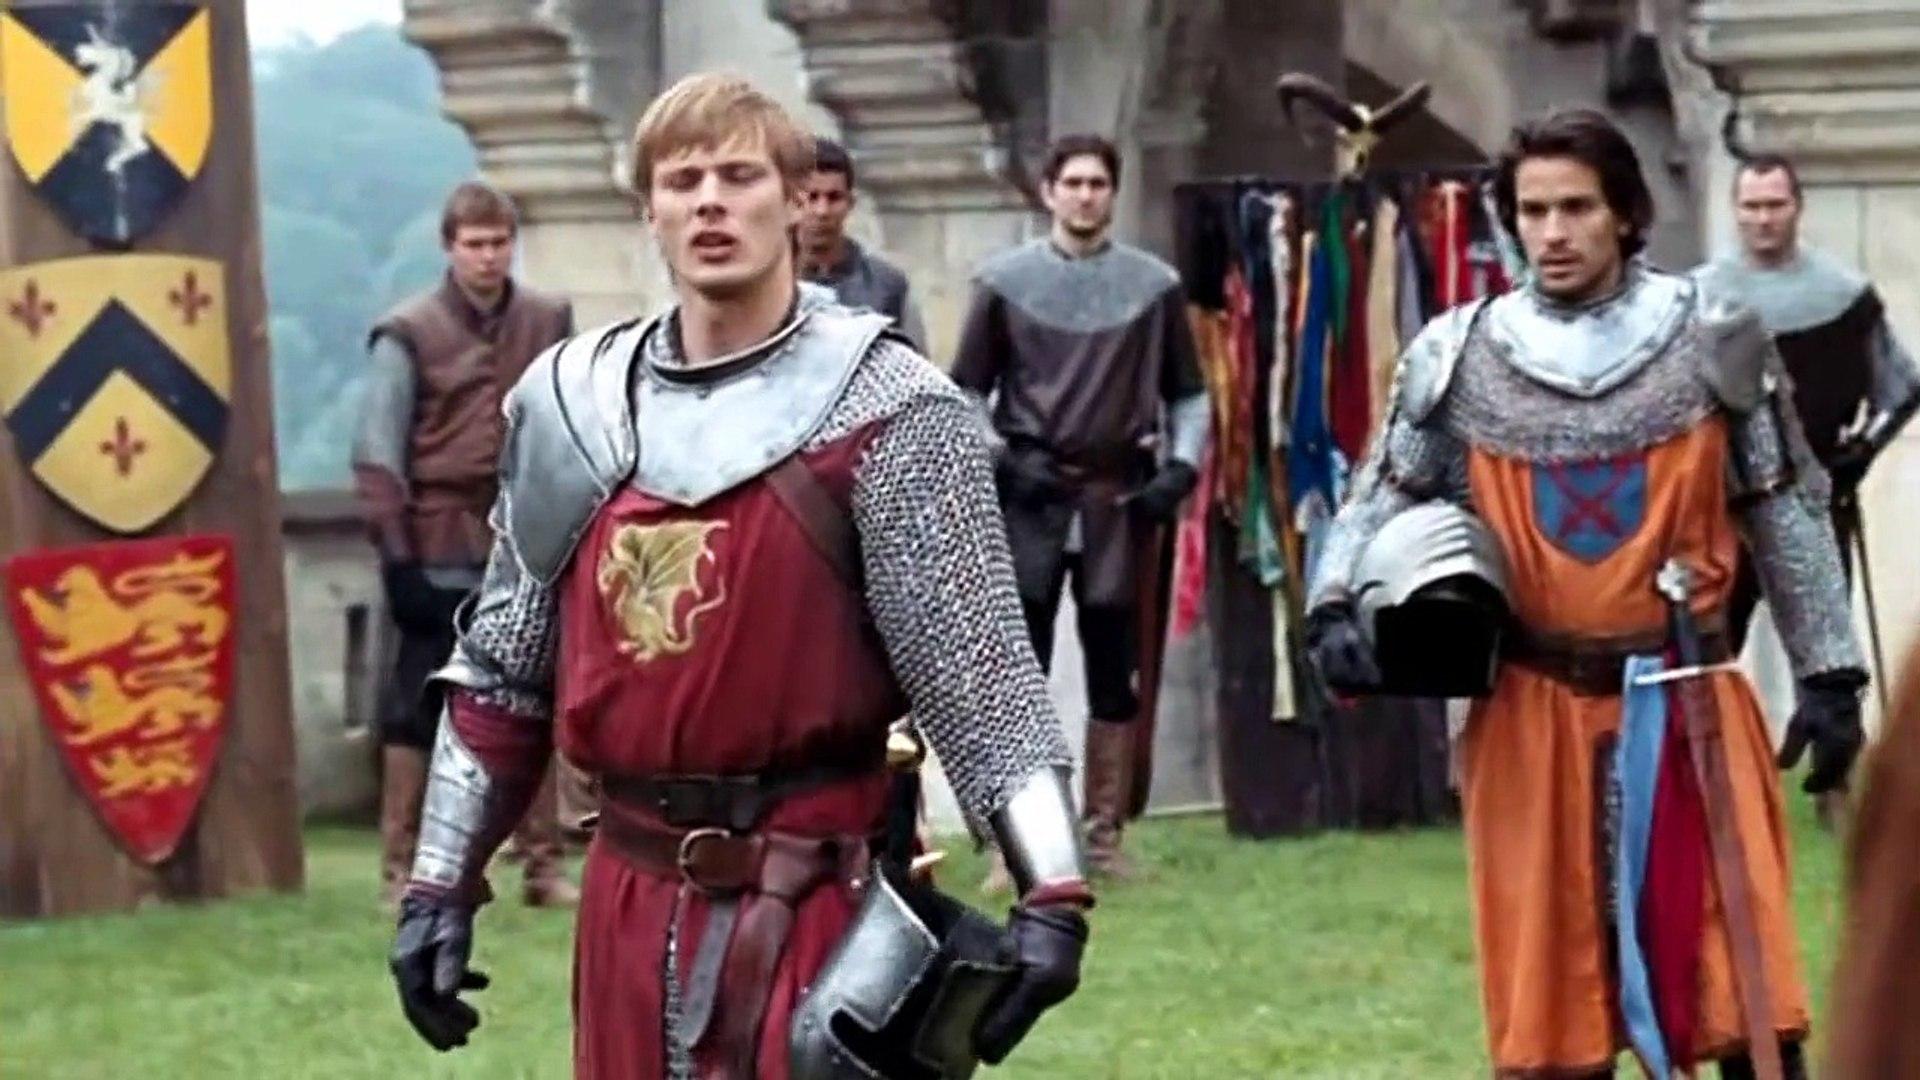 Merlin 2008 - S01E05